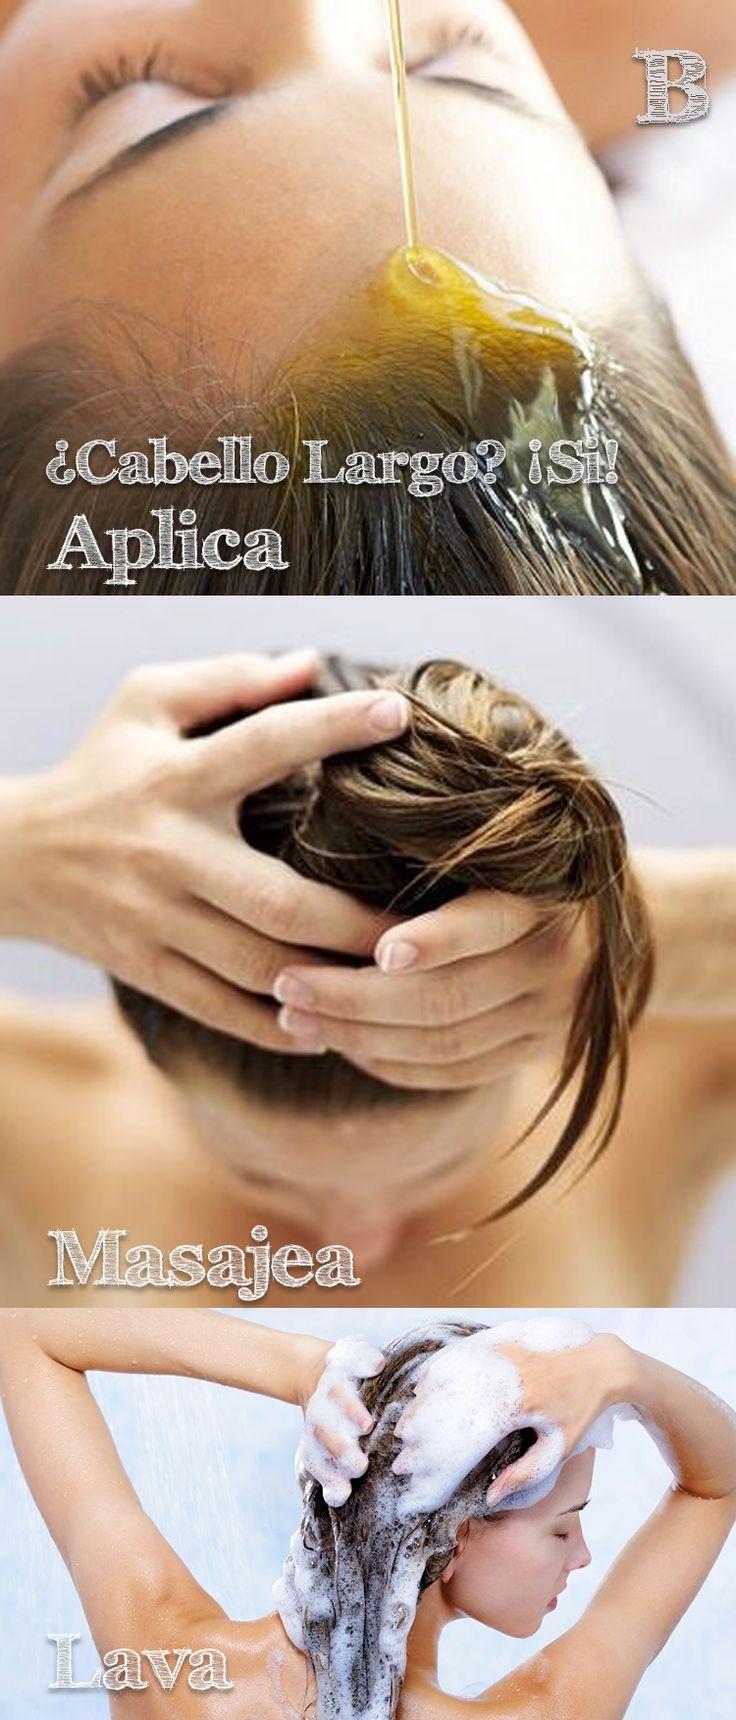 ¿Que necesitas? 1 o 2 cucharada(s) de aceite de argán (18 / 36 ml).1 o 2 cucharada(s) de aceite de coco (18 / 36 ml).1 o 2 cucharada(s) de aceite de almendra (18 / 36 ml). ¿Cómo se hace? Mezcla todos los aceites. Aplícala en la raíz de tu cabello. Masajea durante cinco minutos con la yema de tus dedos, hasta que el cóctel de aceites esté totalmente distribuido. Ponte un gorro vaporizador, y déjatelo 10min enjuaga y aplica esto durante una semana. #EstiloBlogazzine #hair #recetas #natural